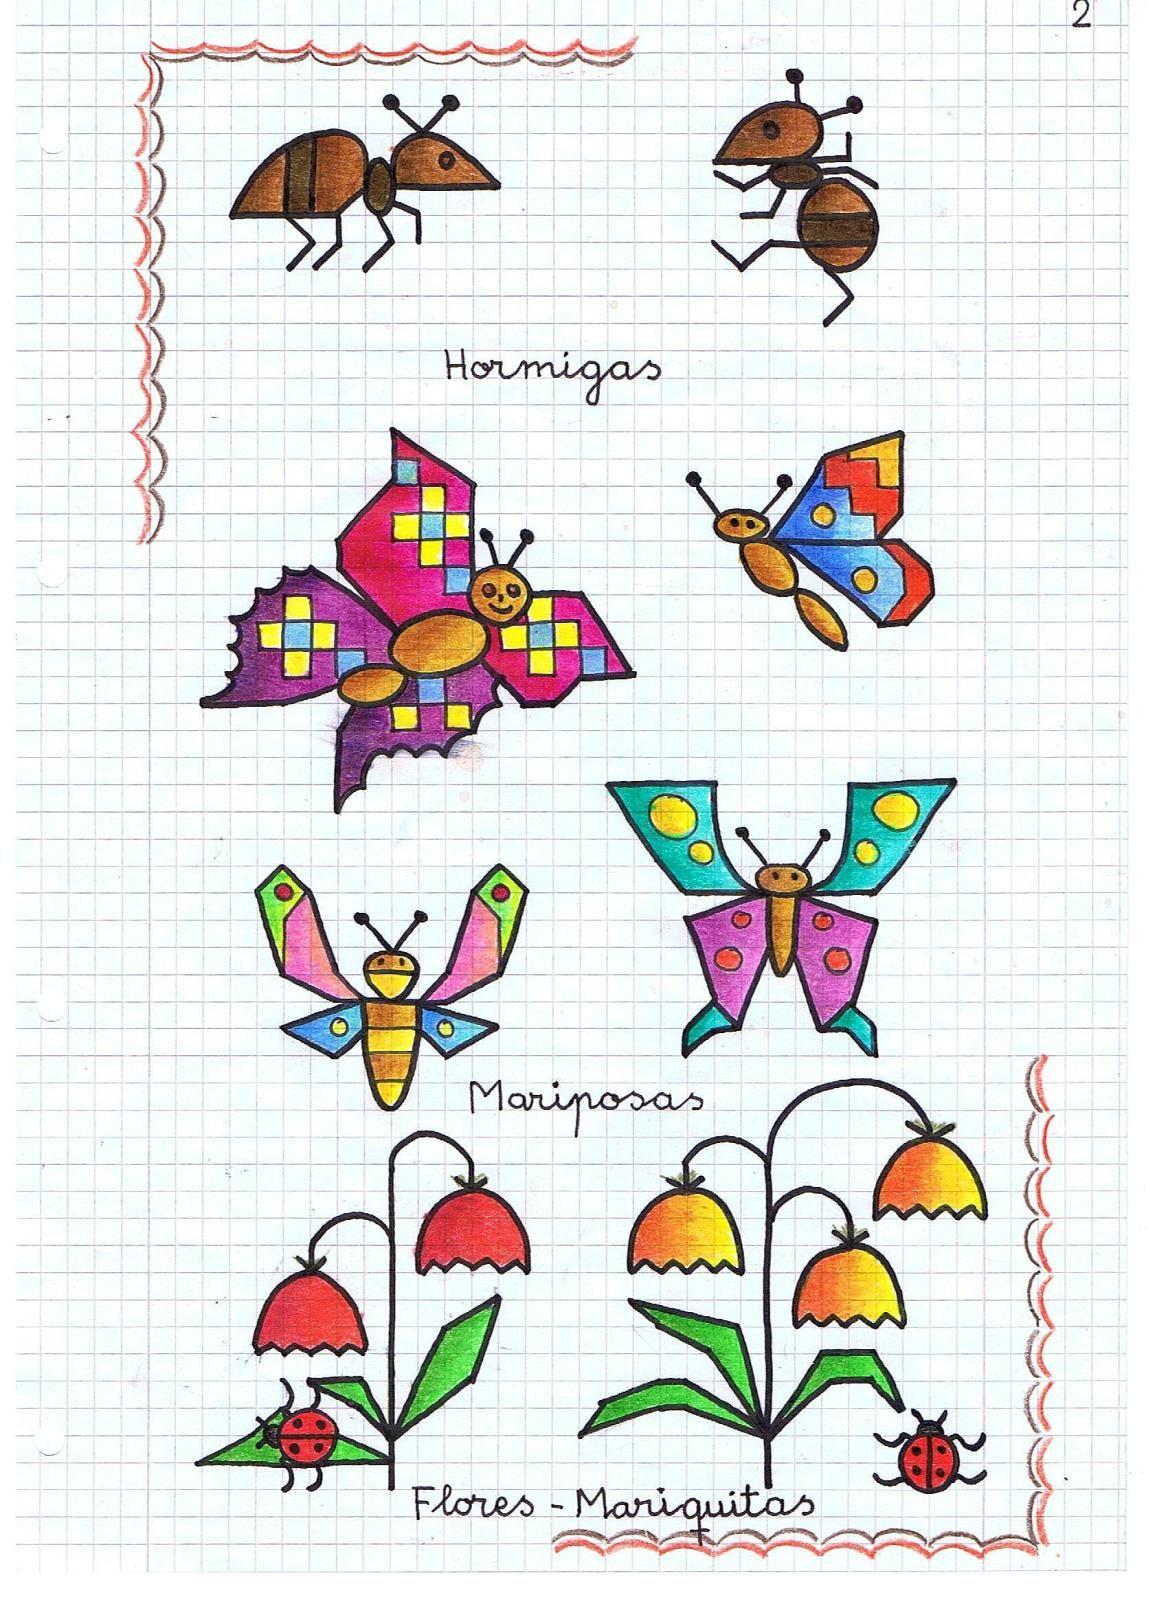 Dibujos En Cuadricula De Animales Web Del Maestro Dibujos En Cuadricula Cuadricula Para Dibujar Cuadricula